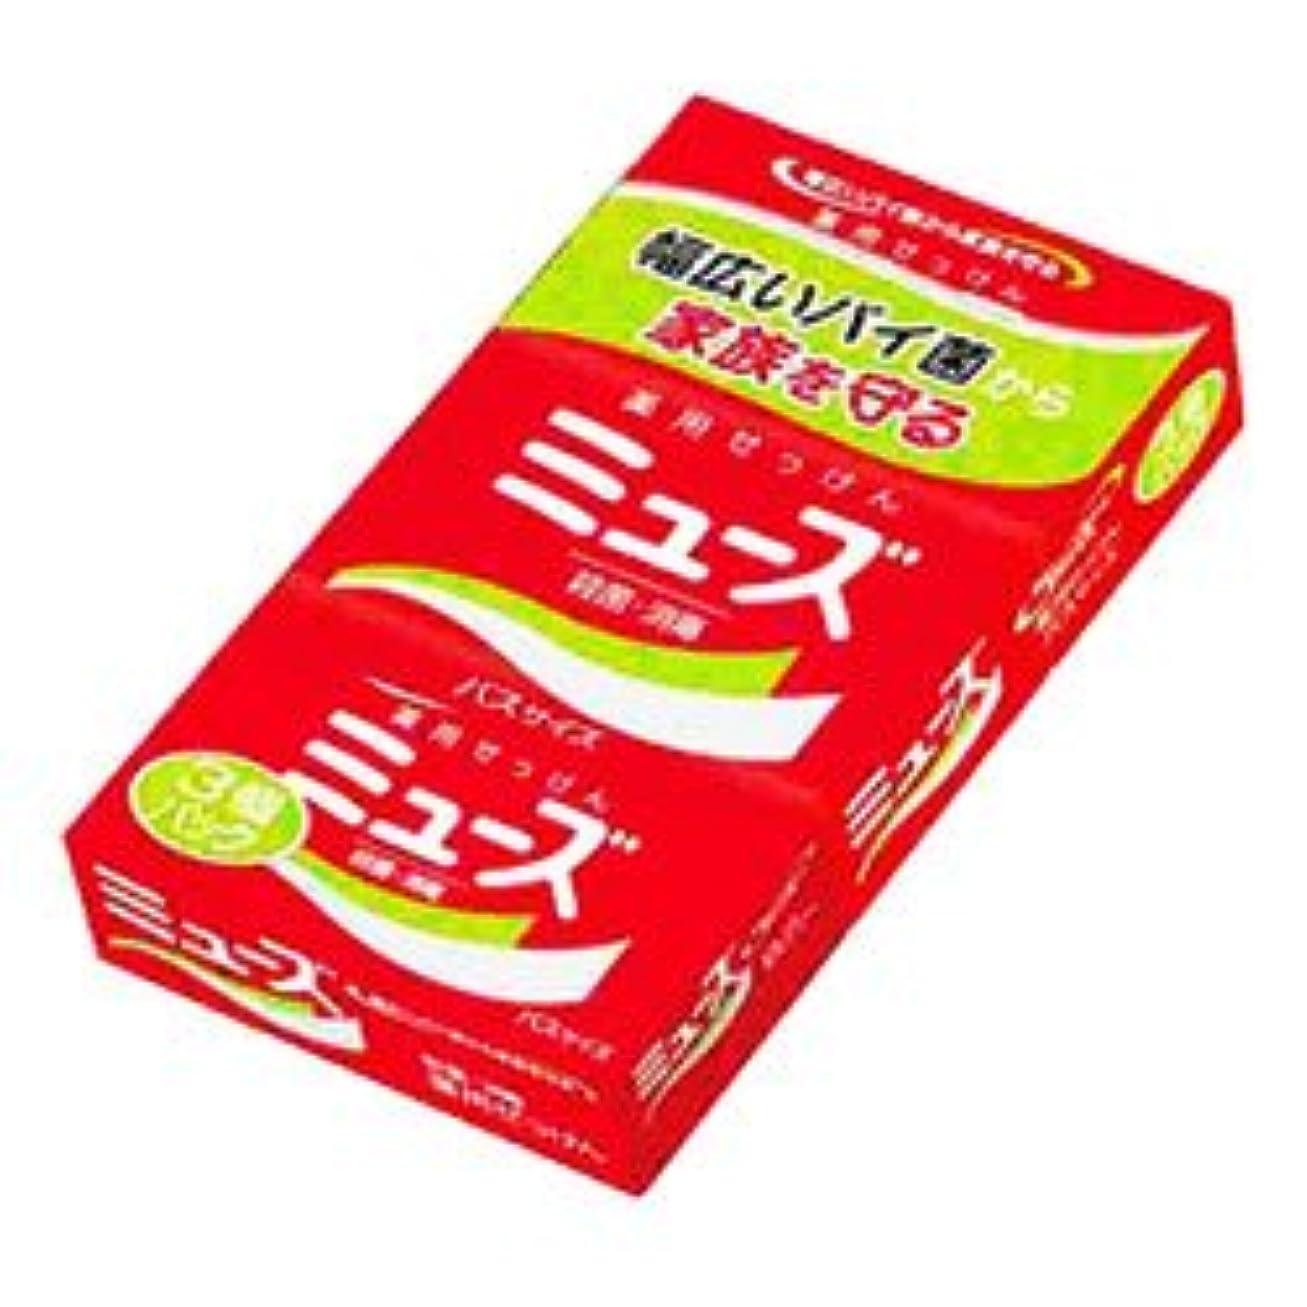 公然とネクタイパノラマ【アース製薬】ミューズ石鹸 バスサイズ 135g*3 ×20個セット